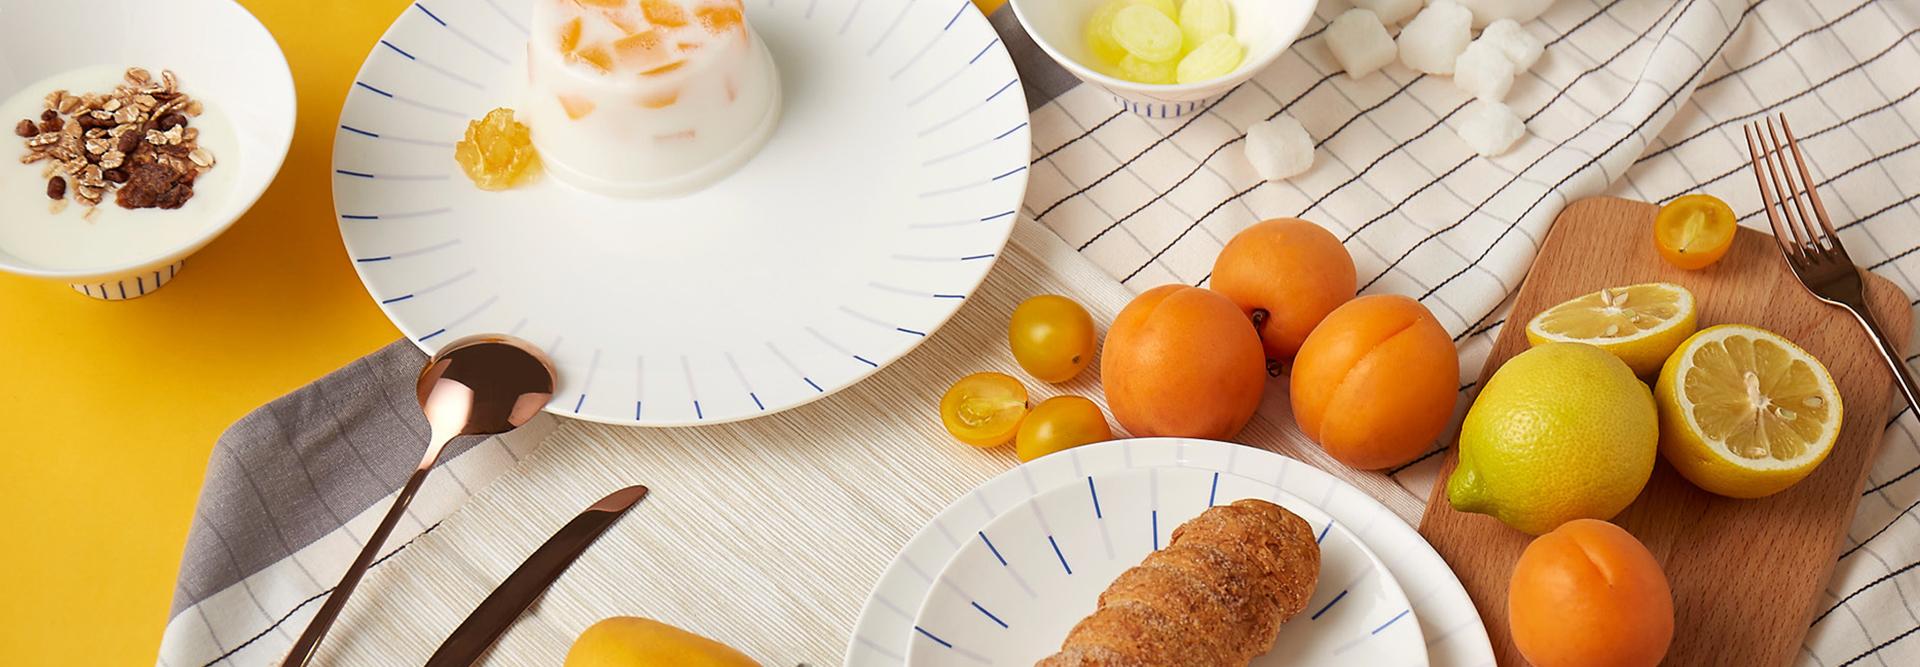 餐具配色特辑 | 为餐桌注入春日色彩